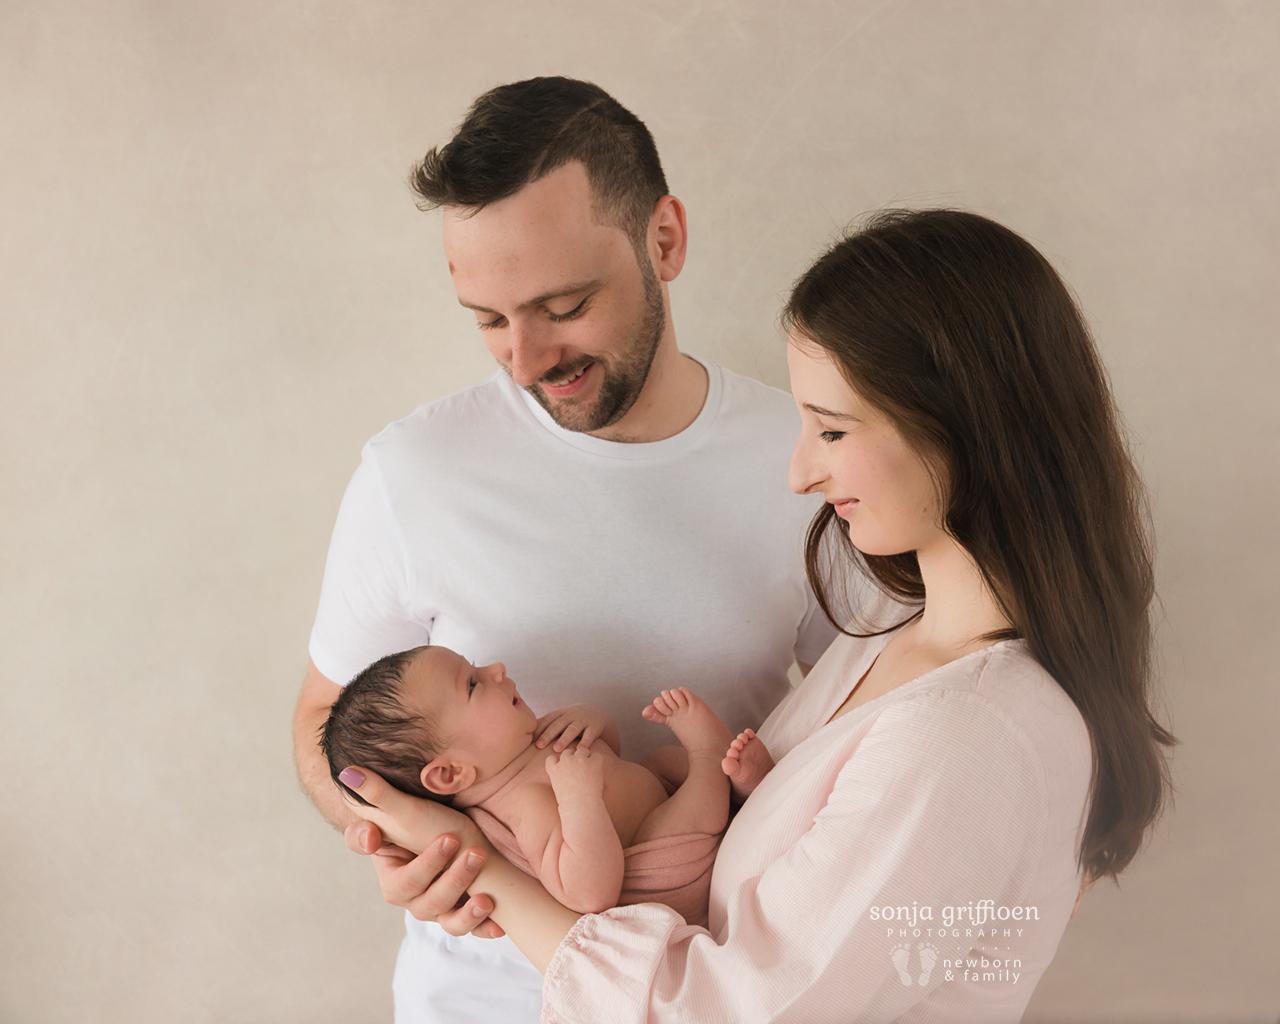 Annabella-Newborn-Brisbane-Newborn-Photographer-Sonja-Griffioen-08.jpg